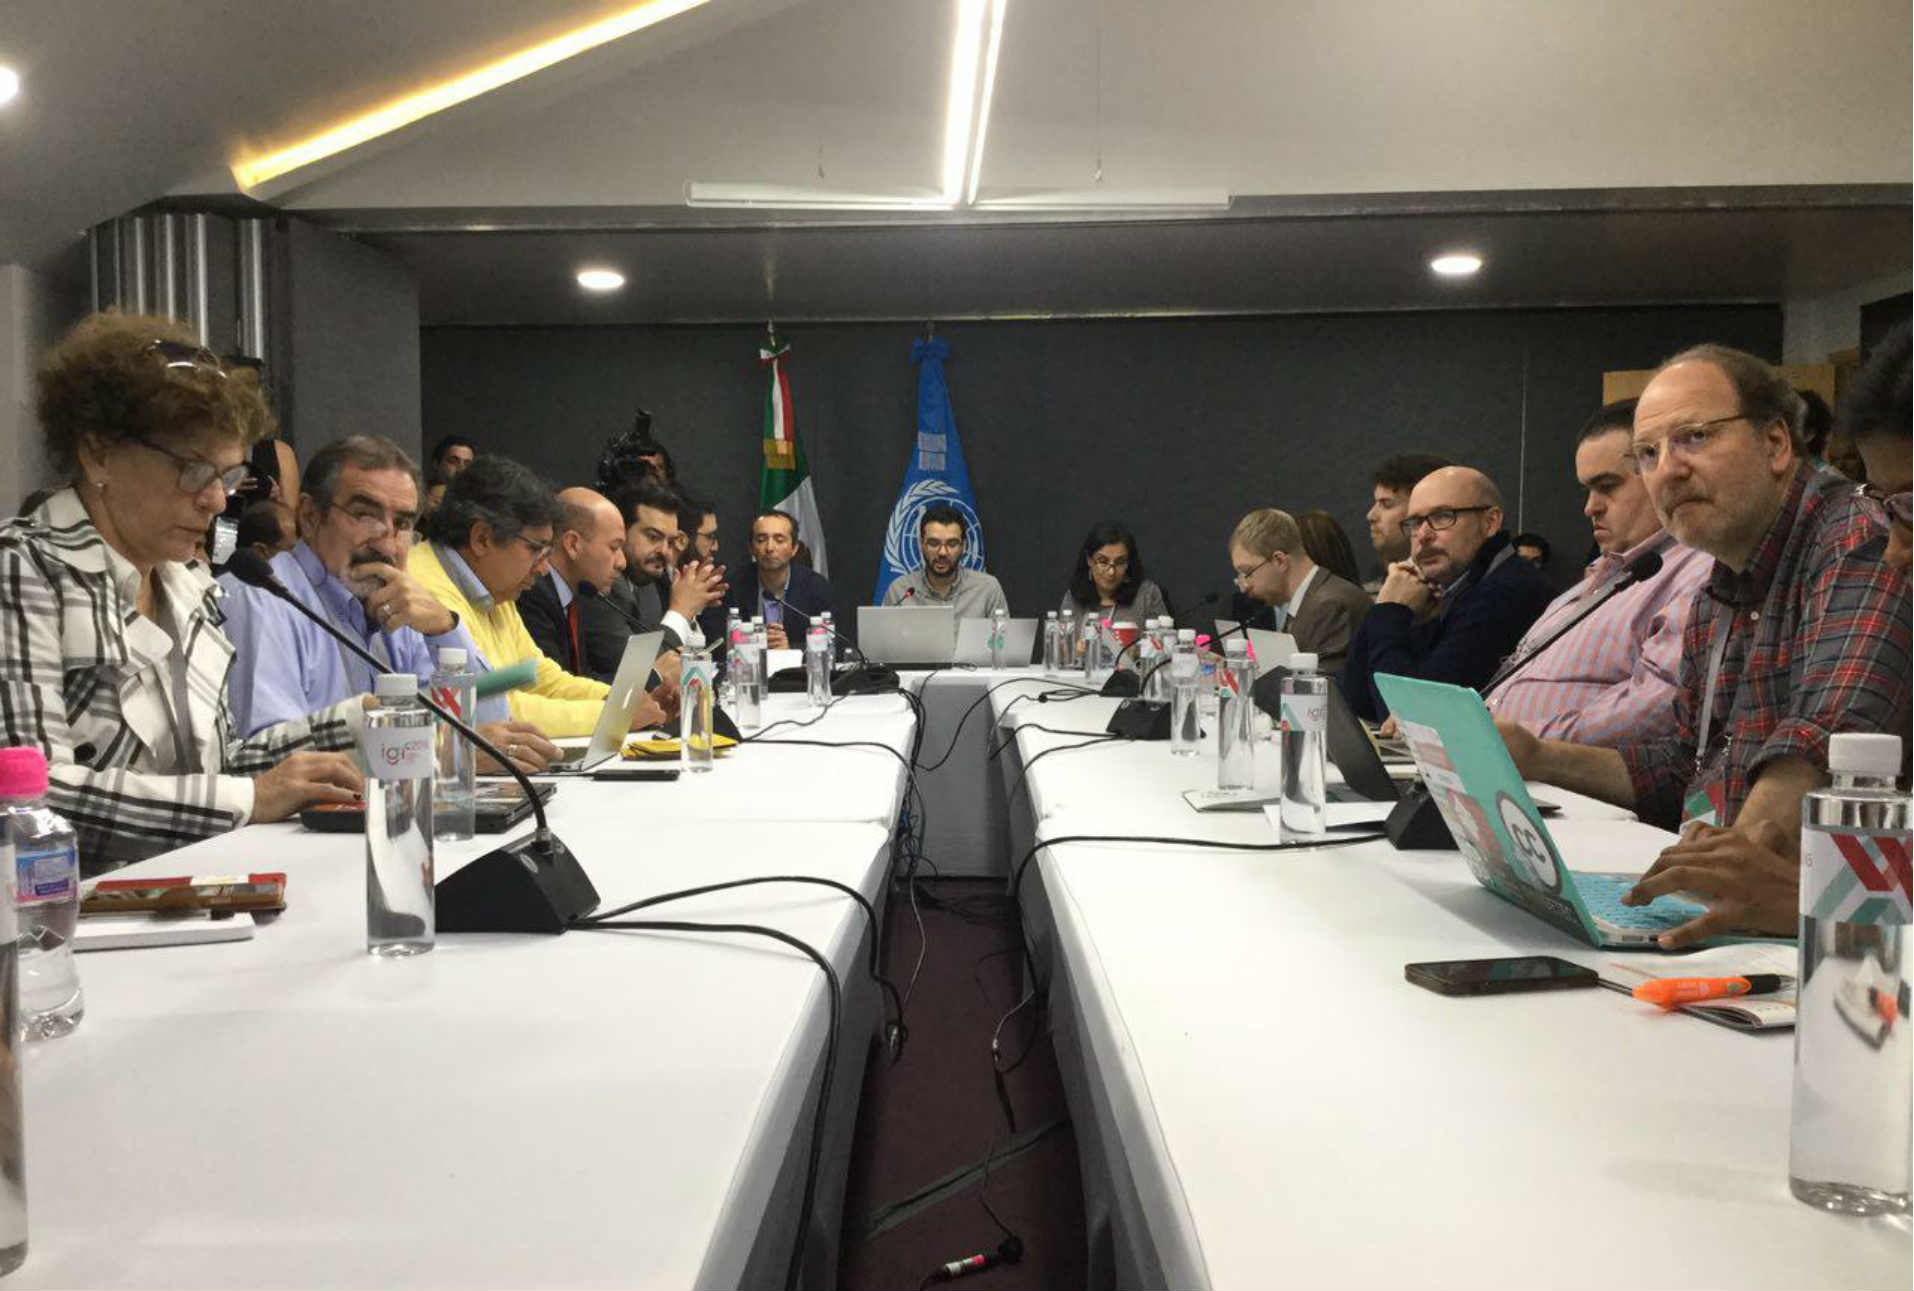 Múltiples partes interesadas discuten el derecho al acceso a Internet en América Latina durante IGF 2016